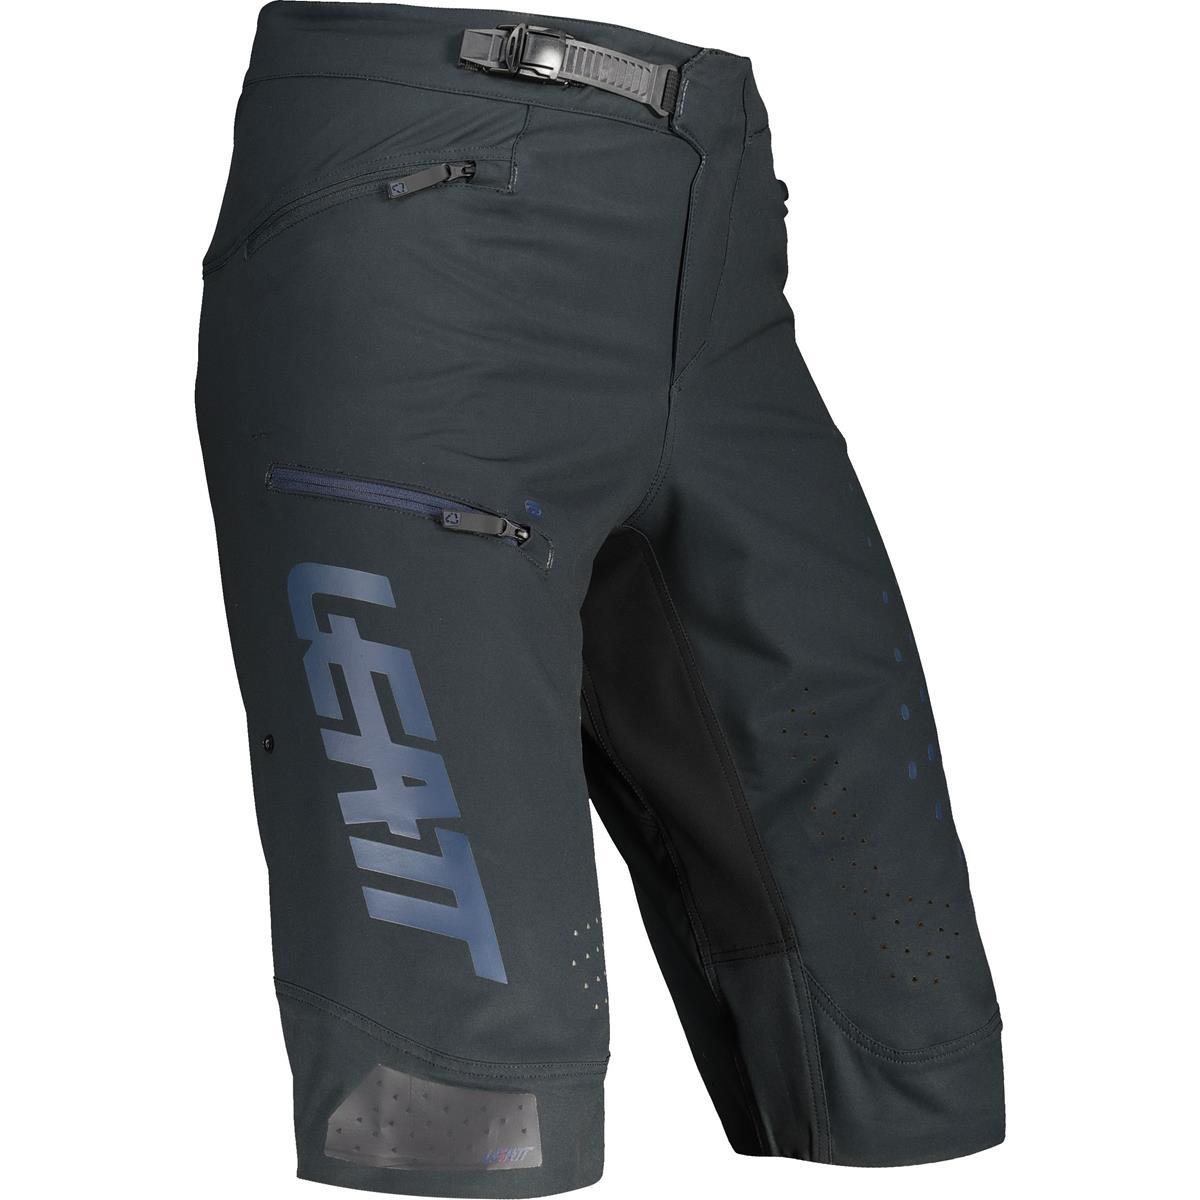 LEATT MTB 4.0 Shorts-1